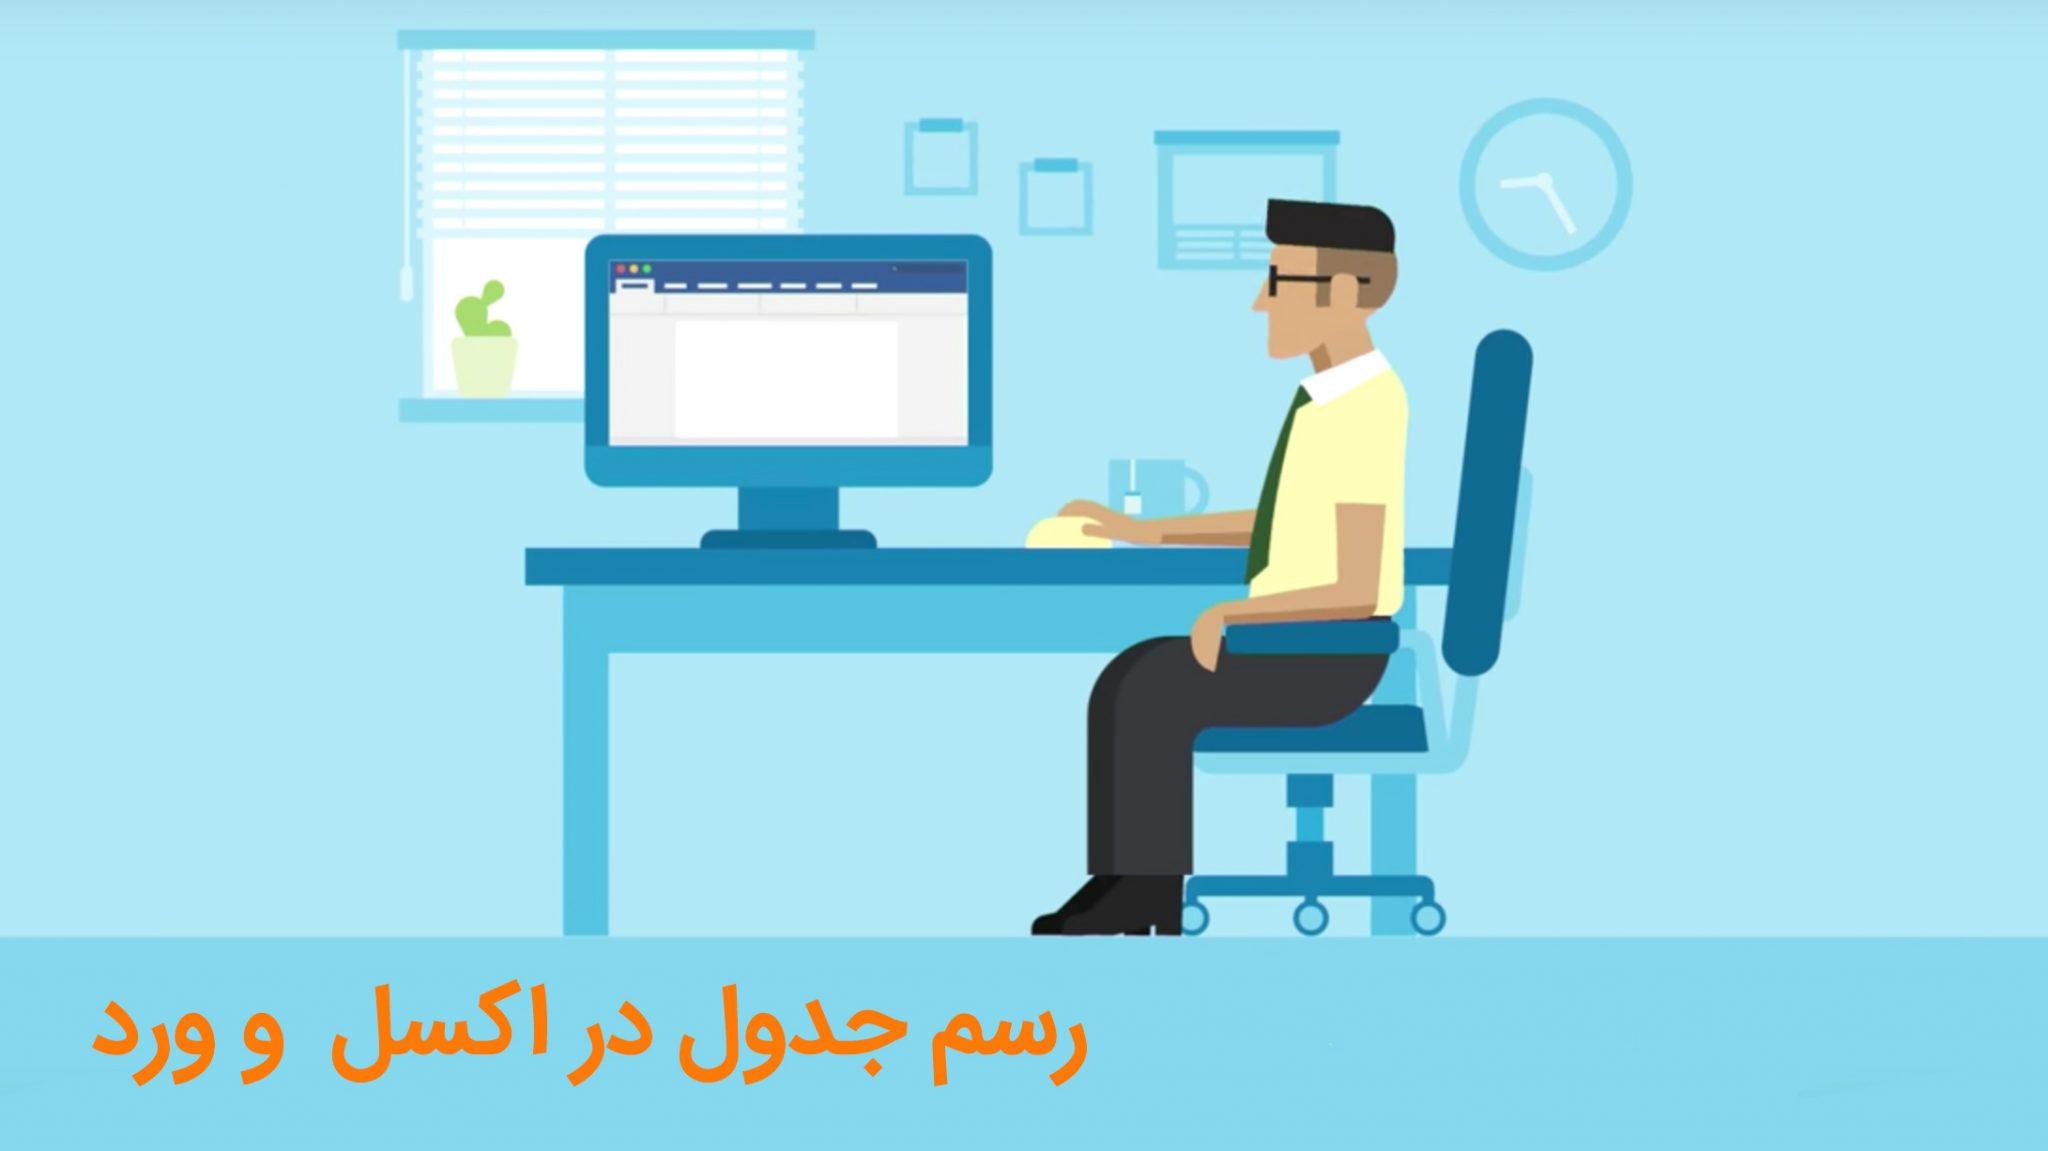 آموزش جامع رسم یا کشیدن جدول و چارت در مایکروسافت ورد و اکسل (Excel & Word)